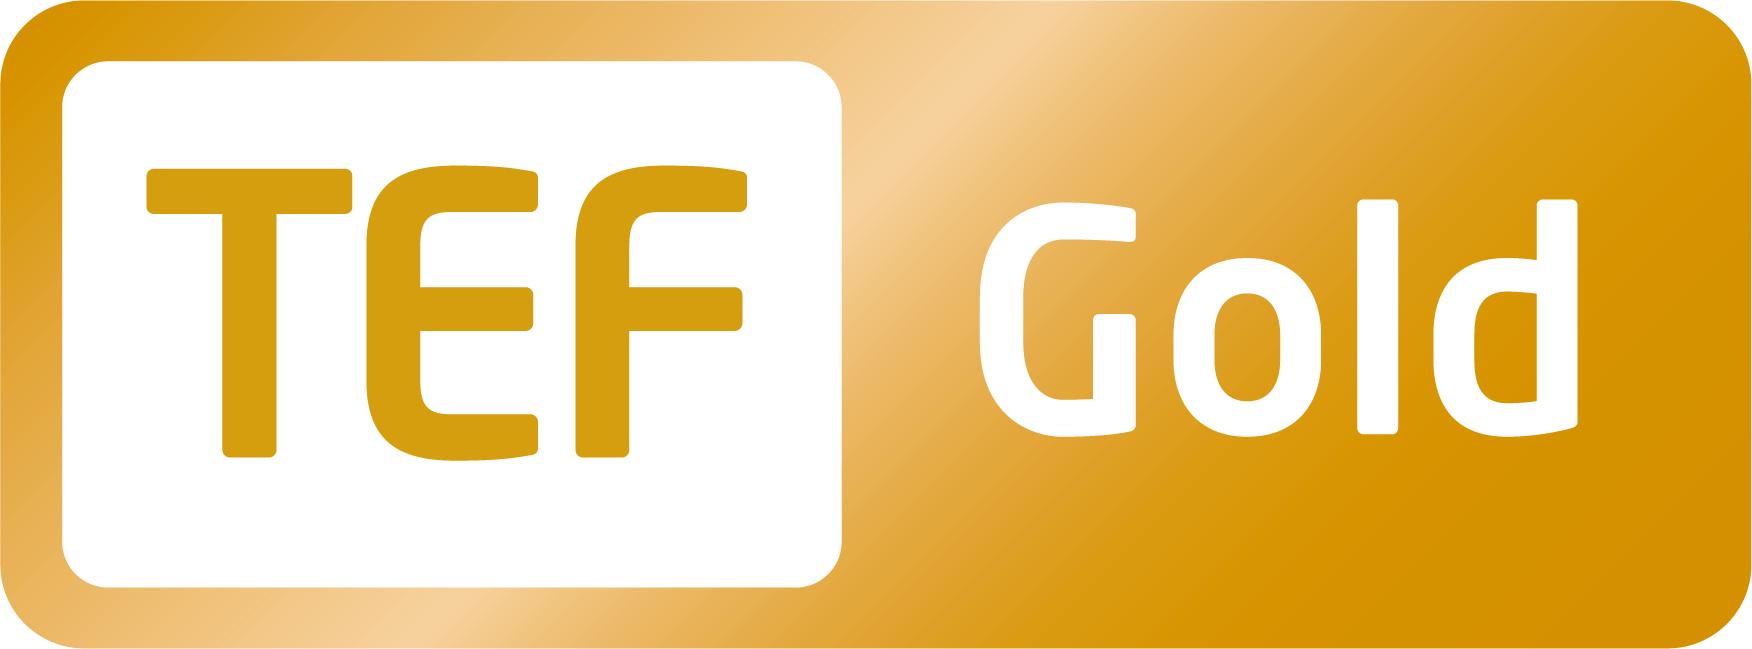 Teaching Excellence Framework - Gold Award